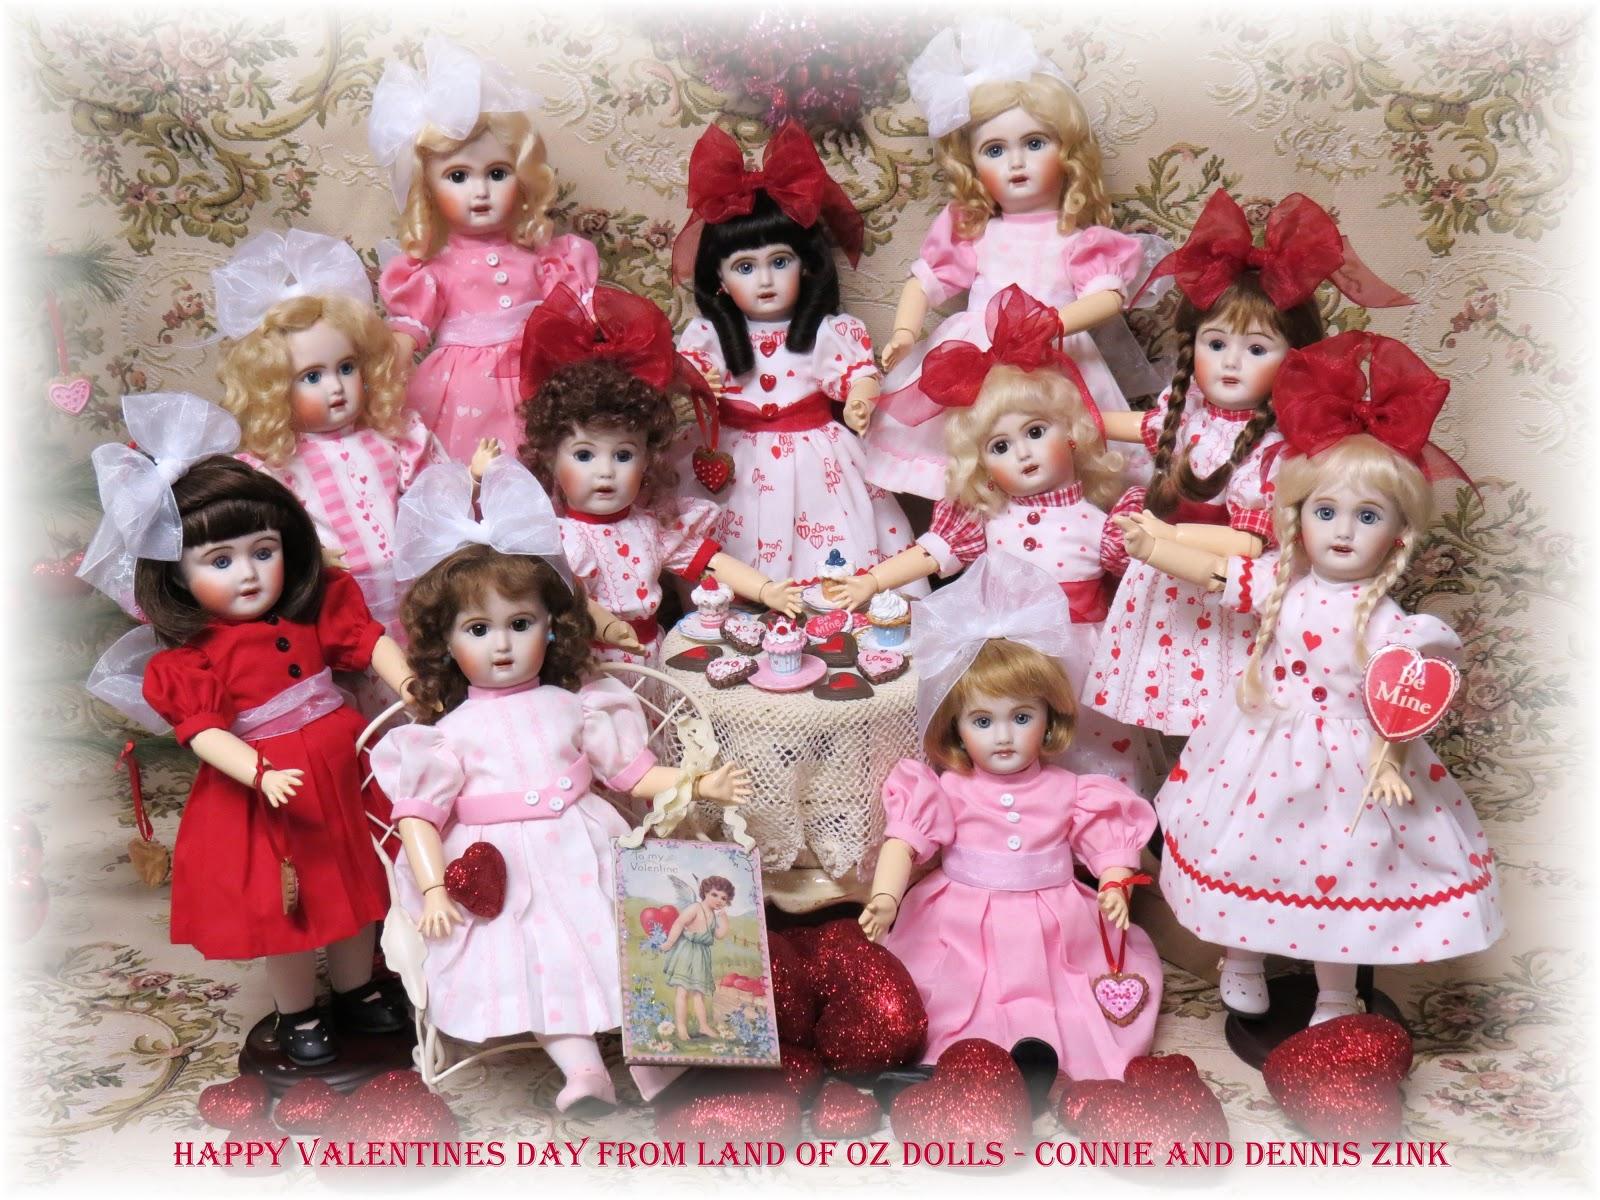 Land of Oz Dolls: Happy Valentine's Day 2013